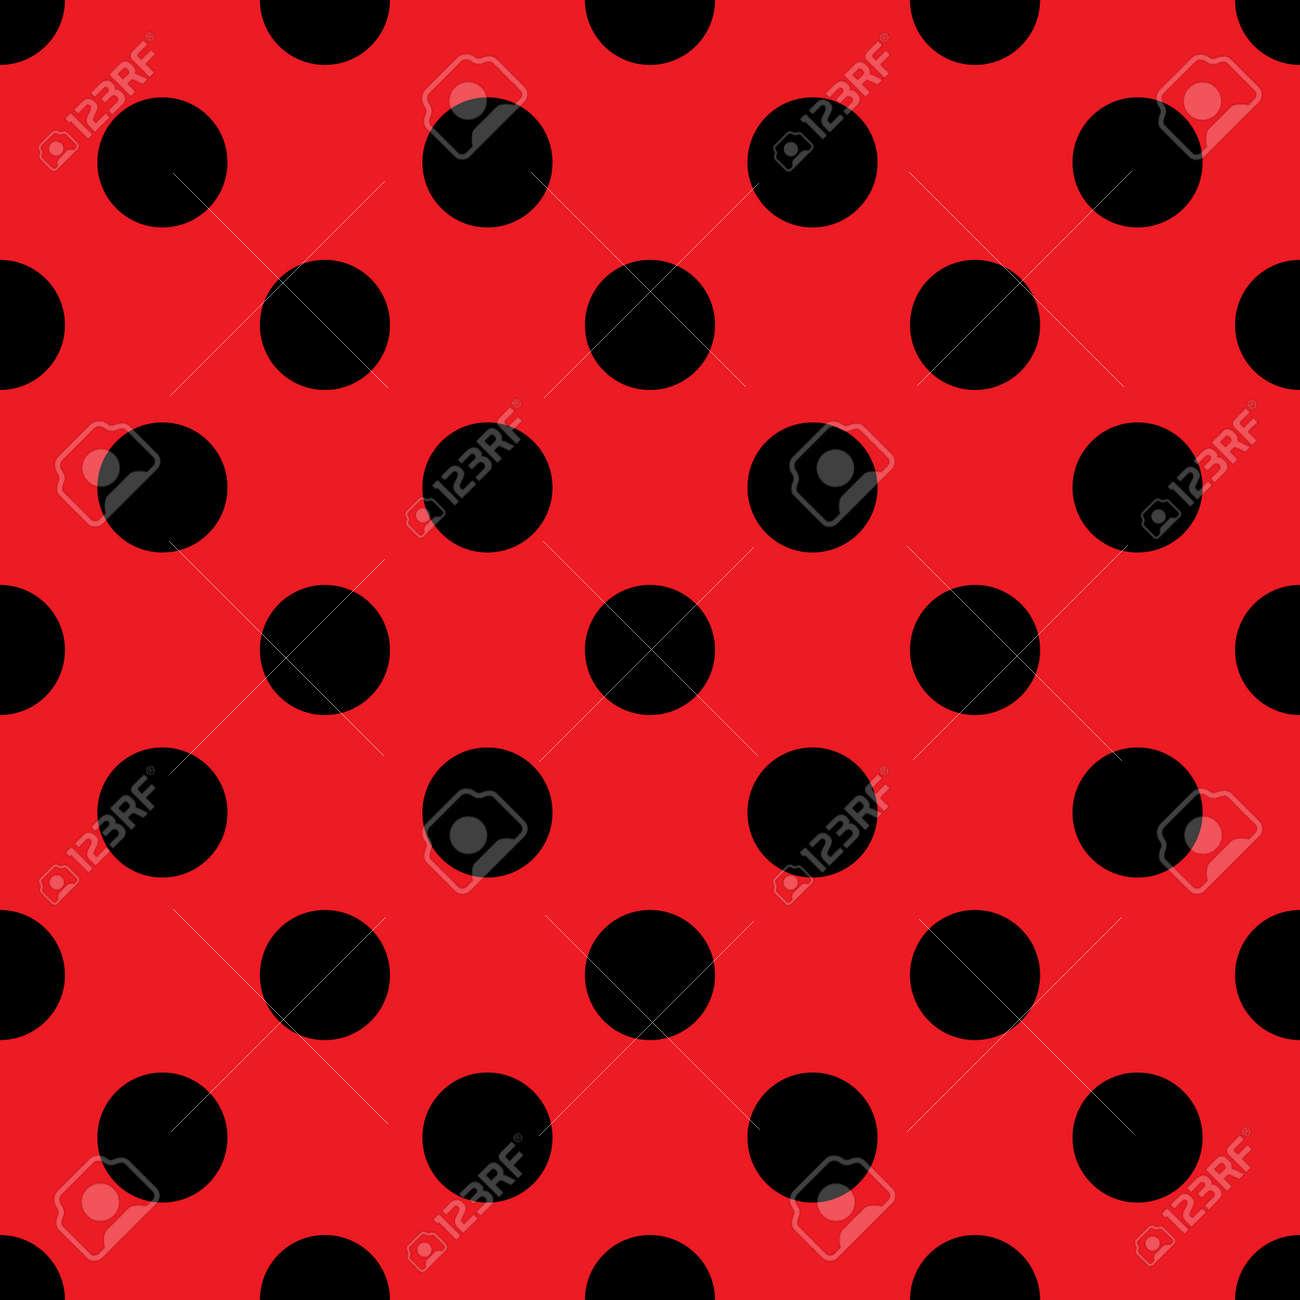 大きな水玉のシームレスなパターン ファッションの赤と黒のテクスチャ